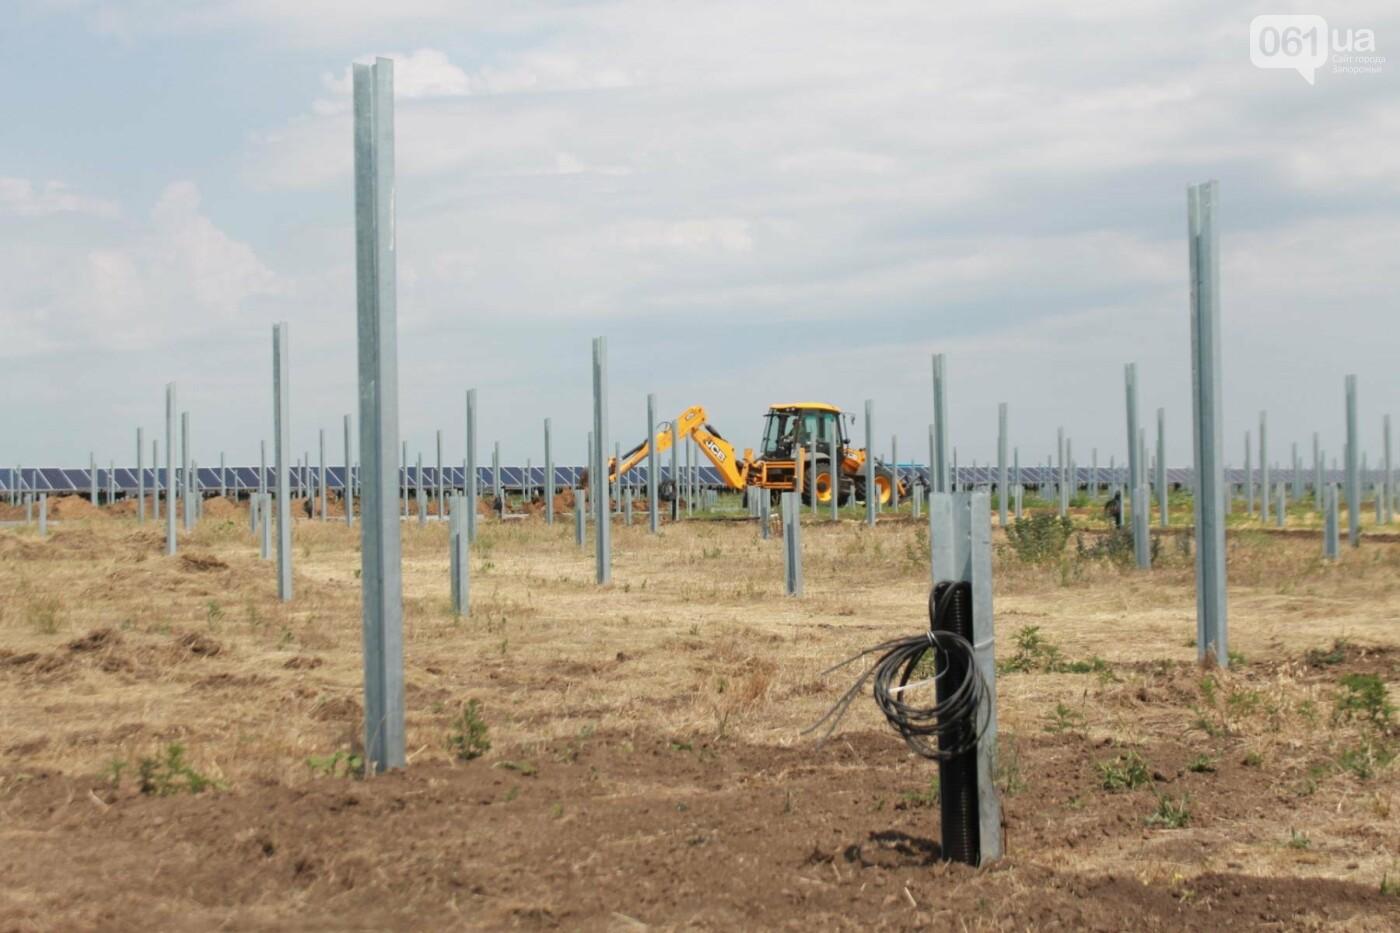 Как в Запорожской области работает крупнейшая в Украине солнечная станция: экскурсия на производство, — ФОТОРЕПОРТАЖ, фото-54